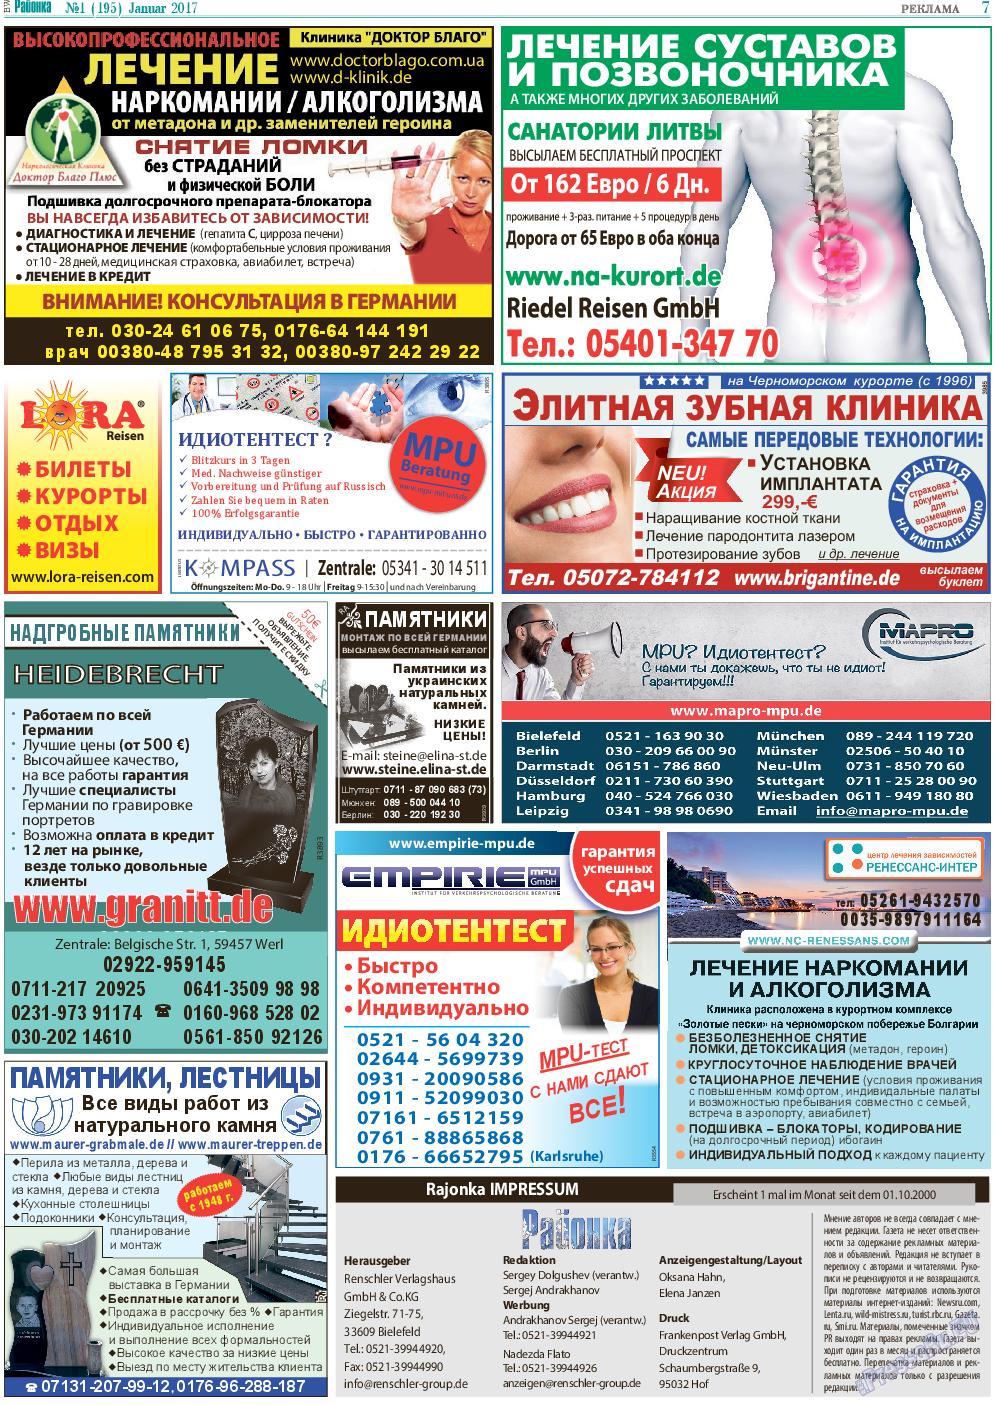 Районка-Süd-West (газета). 2017 год, номер 1, стр. 7